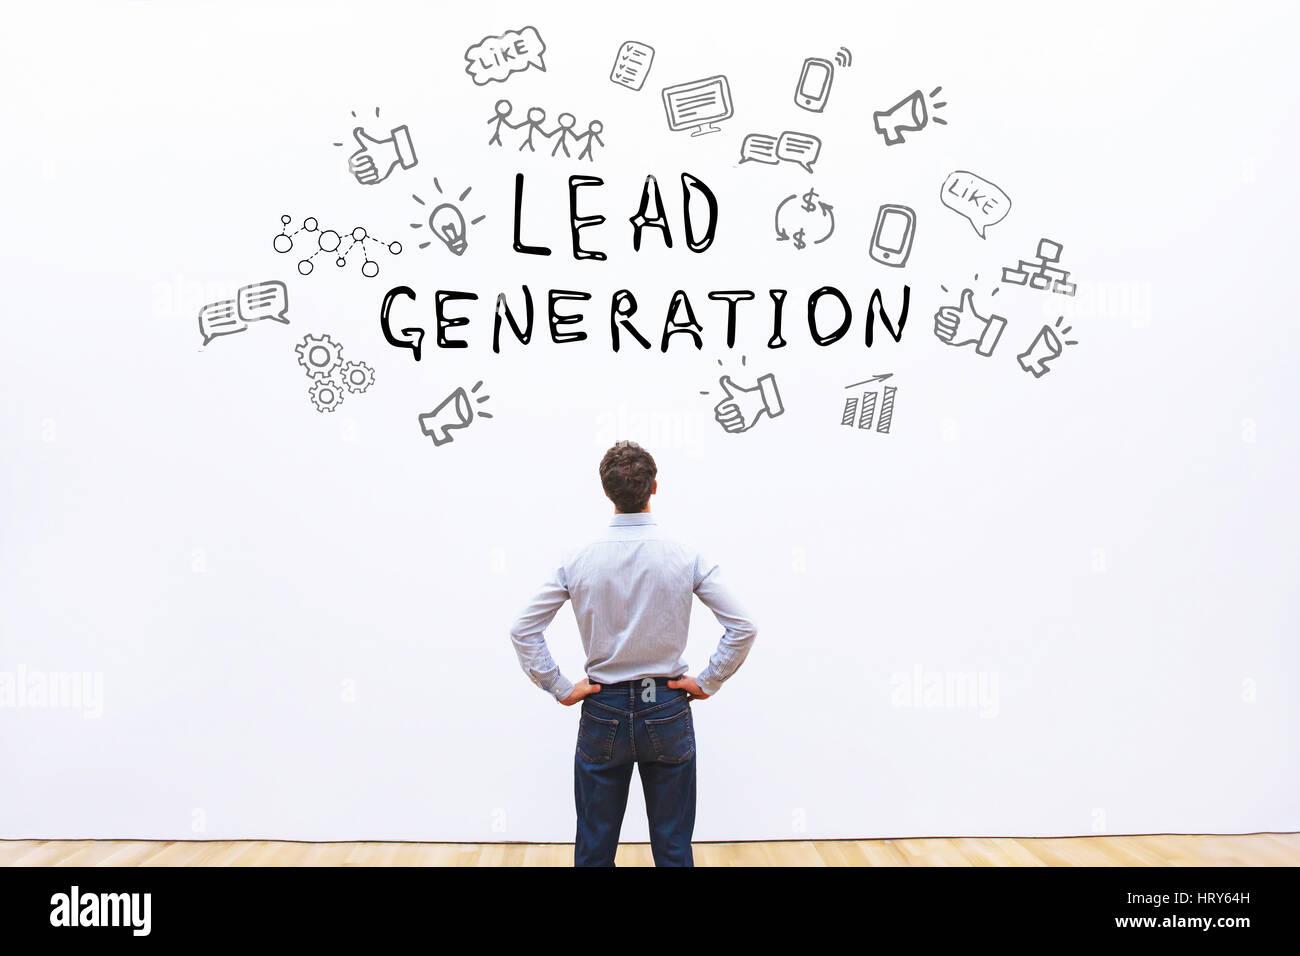 Lead-Generation-Konzept Stockbild